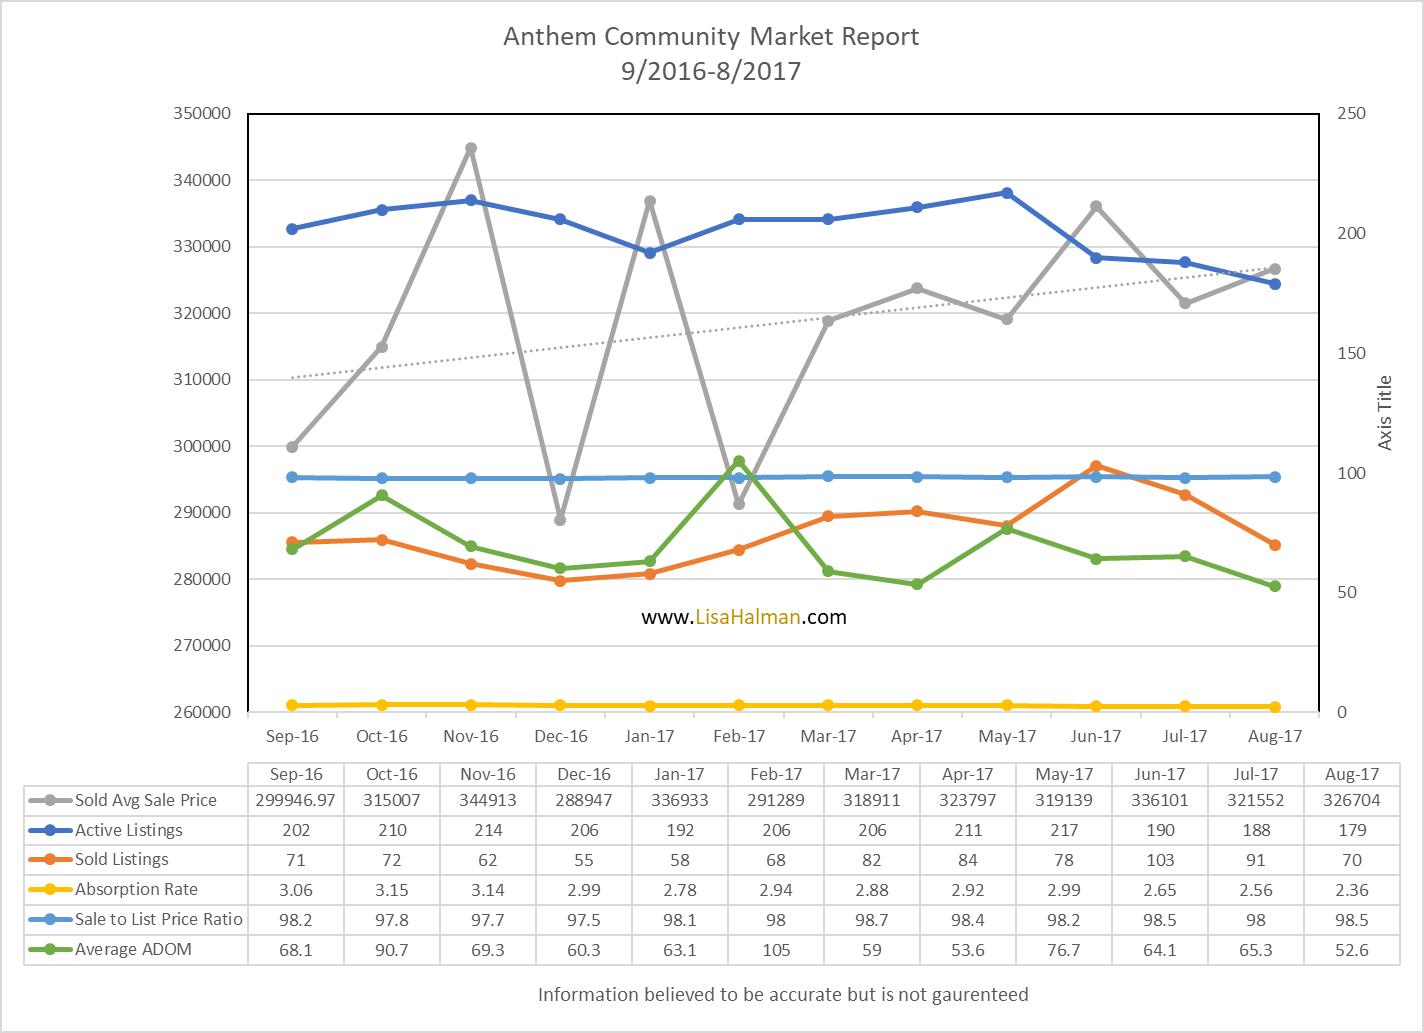 Anthem Market Update August 2017